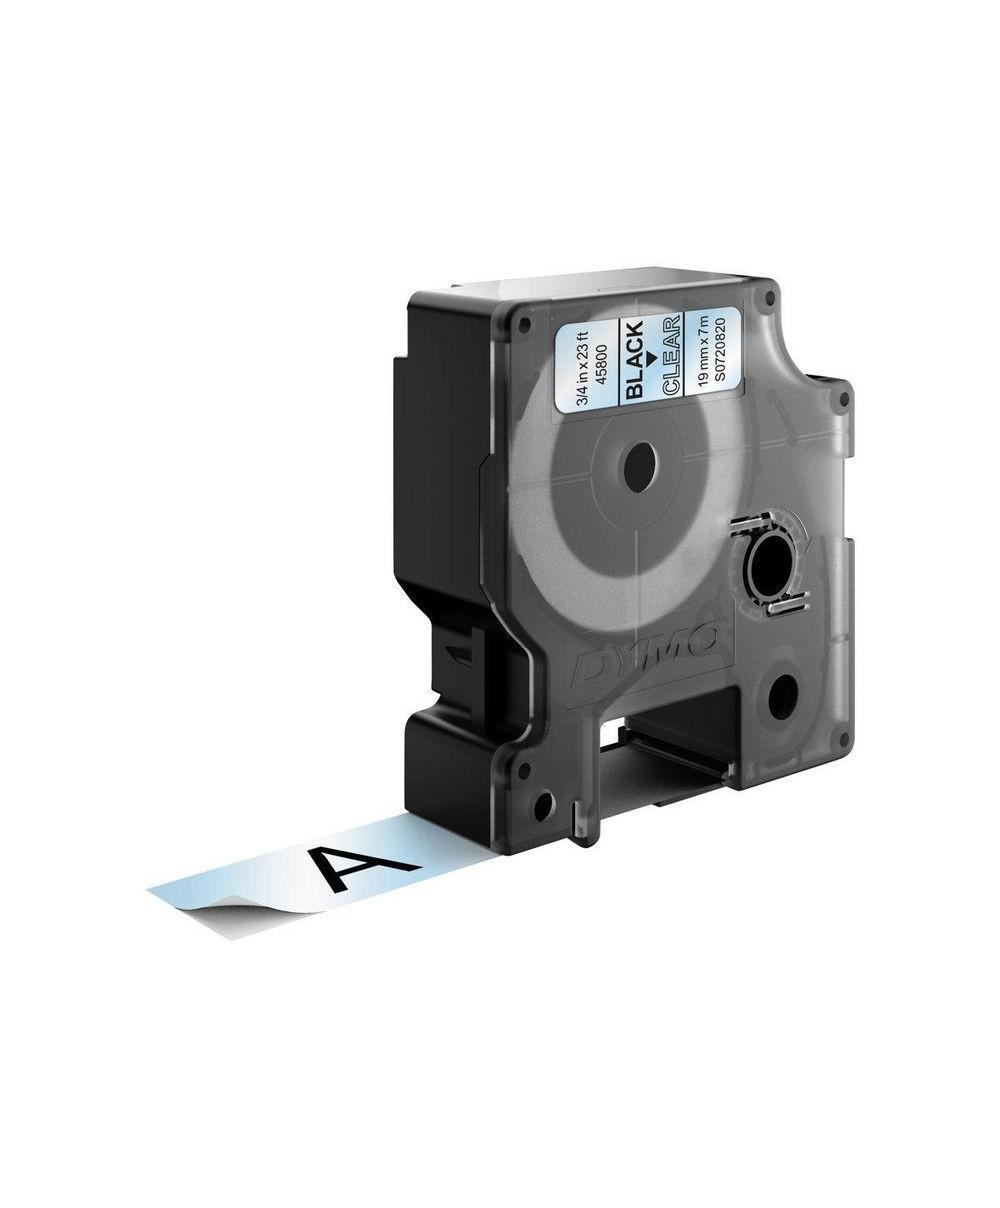 Dymo D1 Ruban   19 mm x 7 m noir sur transparent 45800 Accessoires Étiqueteuse